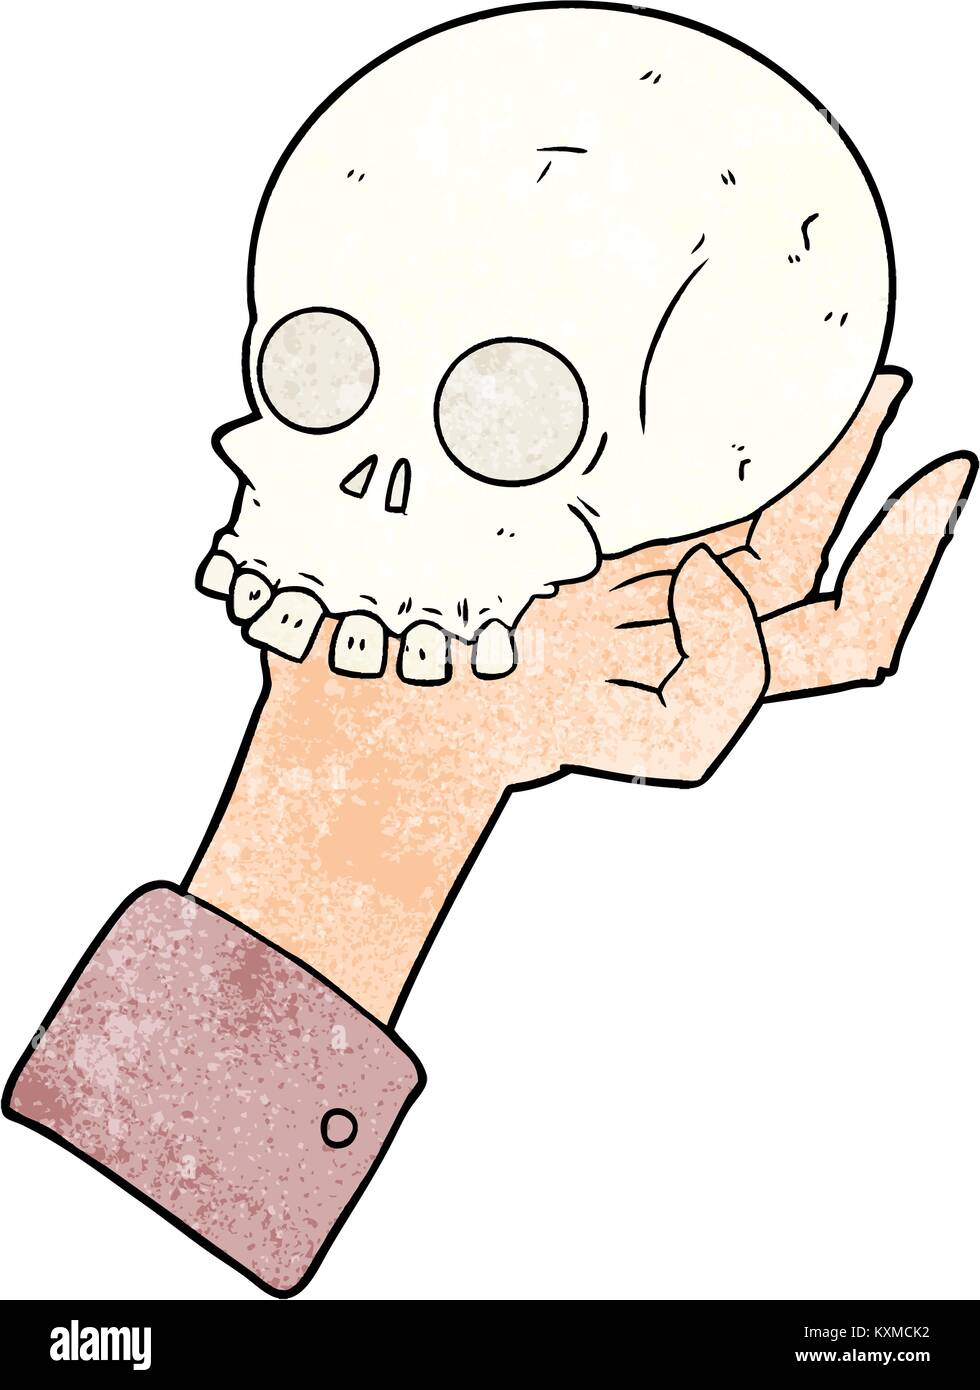 cartoon hand holding skull - Stock Vector